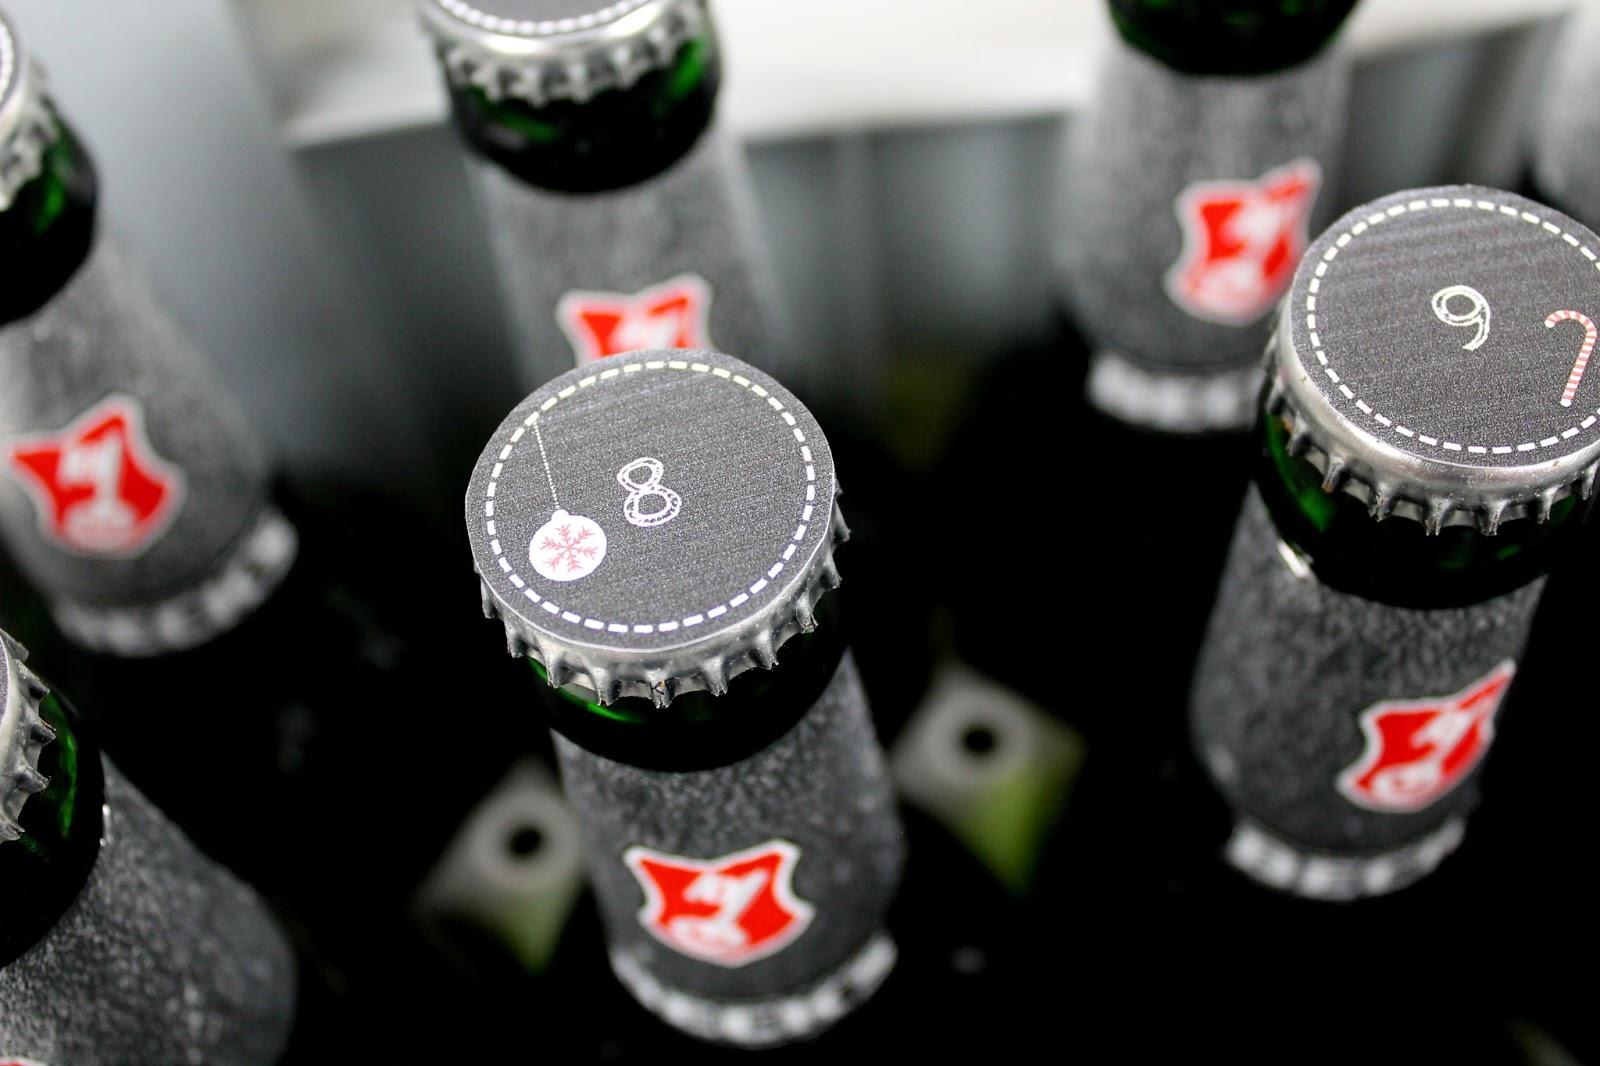 DIY, Basteln: Bierflaschenadventskalender in Weihnachtsgeschenke, Weihnachtsdekoration, Geschenkidee, Adventskalender - DIYCarinchen